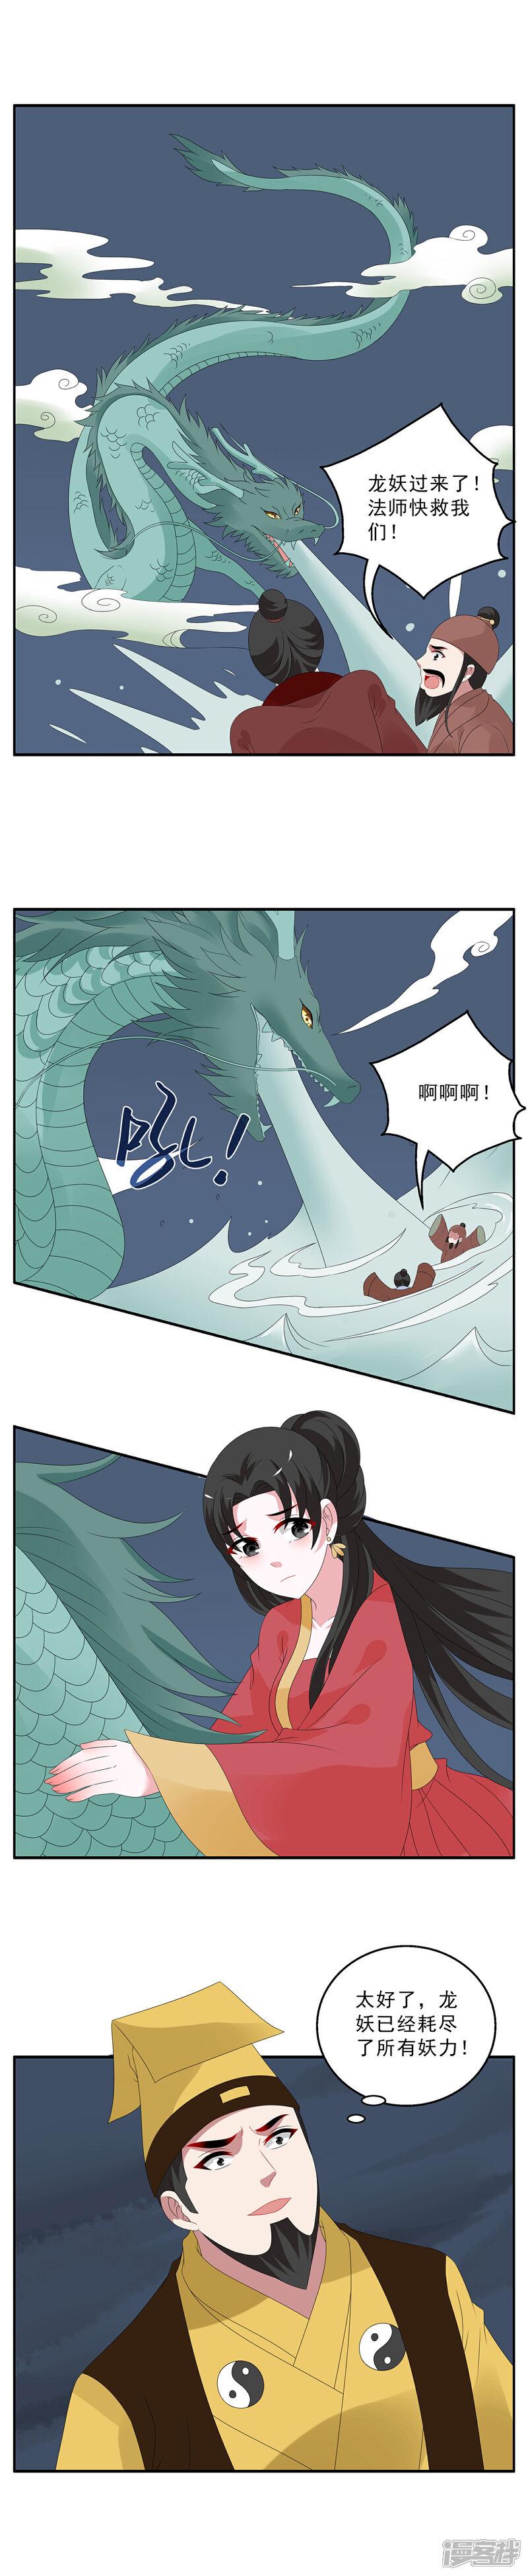 洛小妖117 (2).JPG